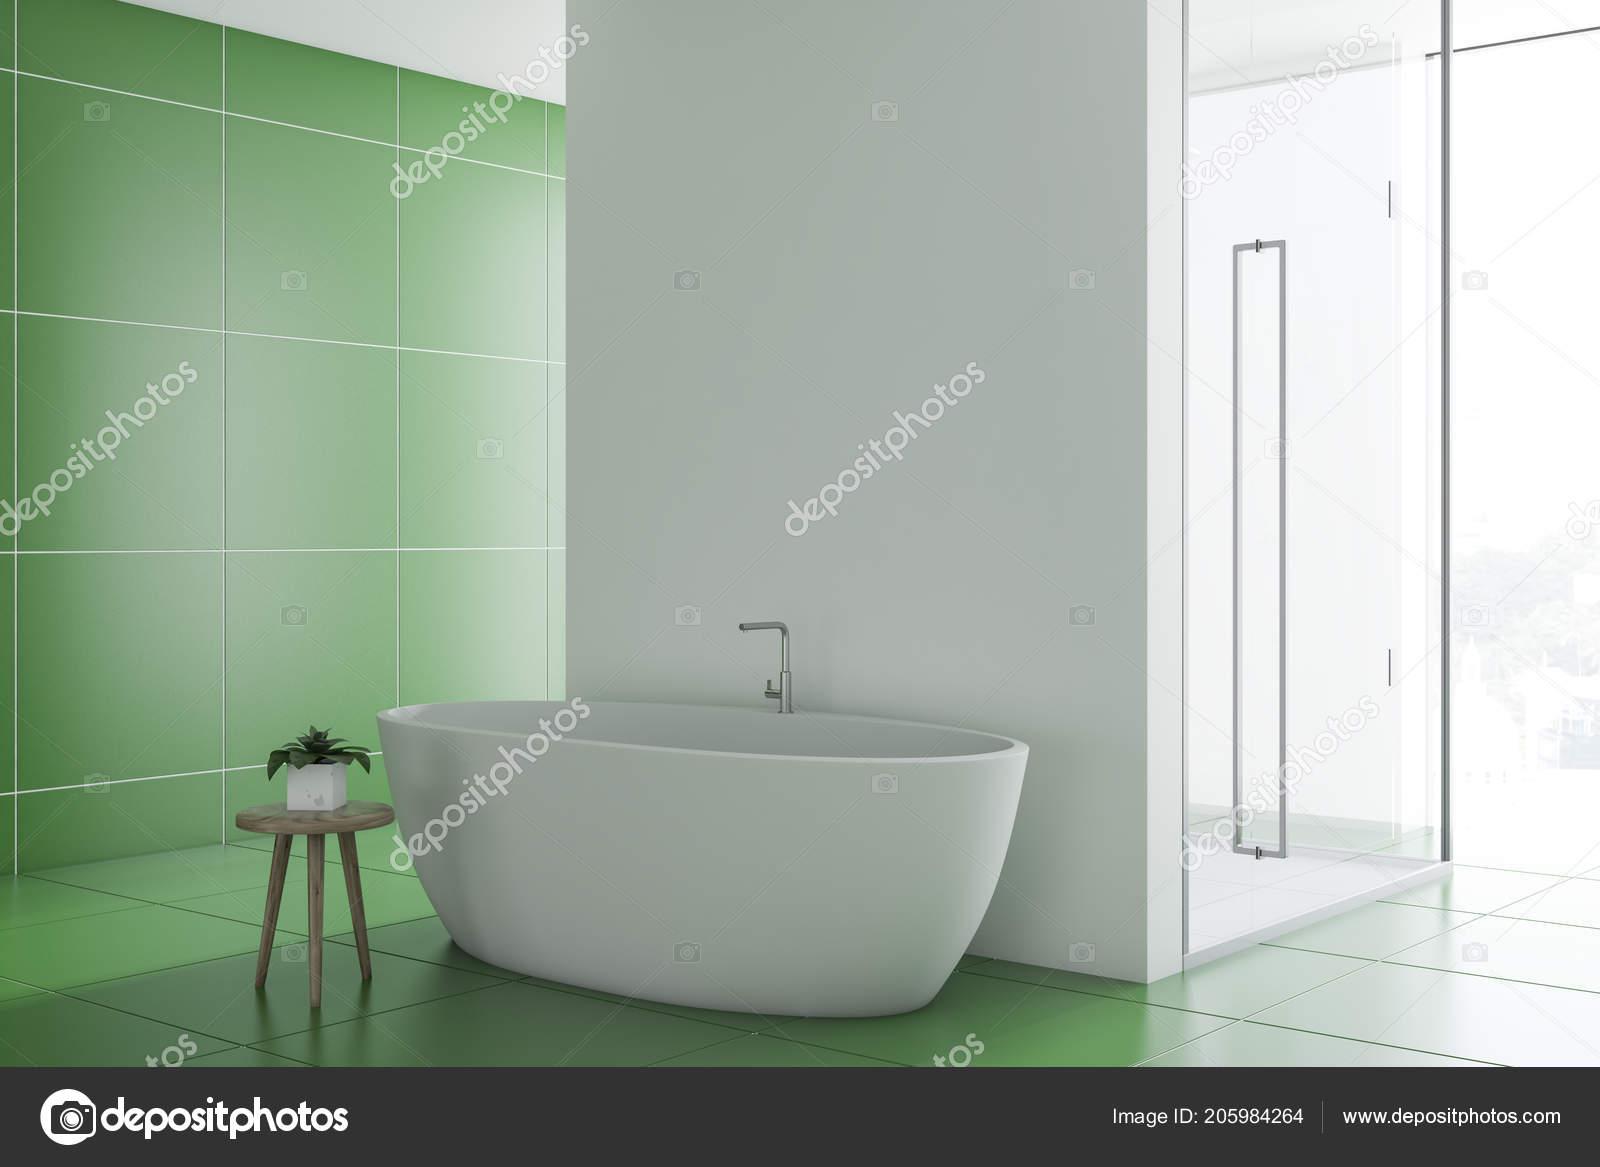 Relativ Grünen Fliesen Badezimmer Interieur Mit Eine Schöne Weiße JY22